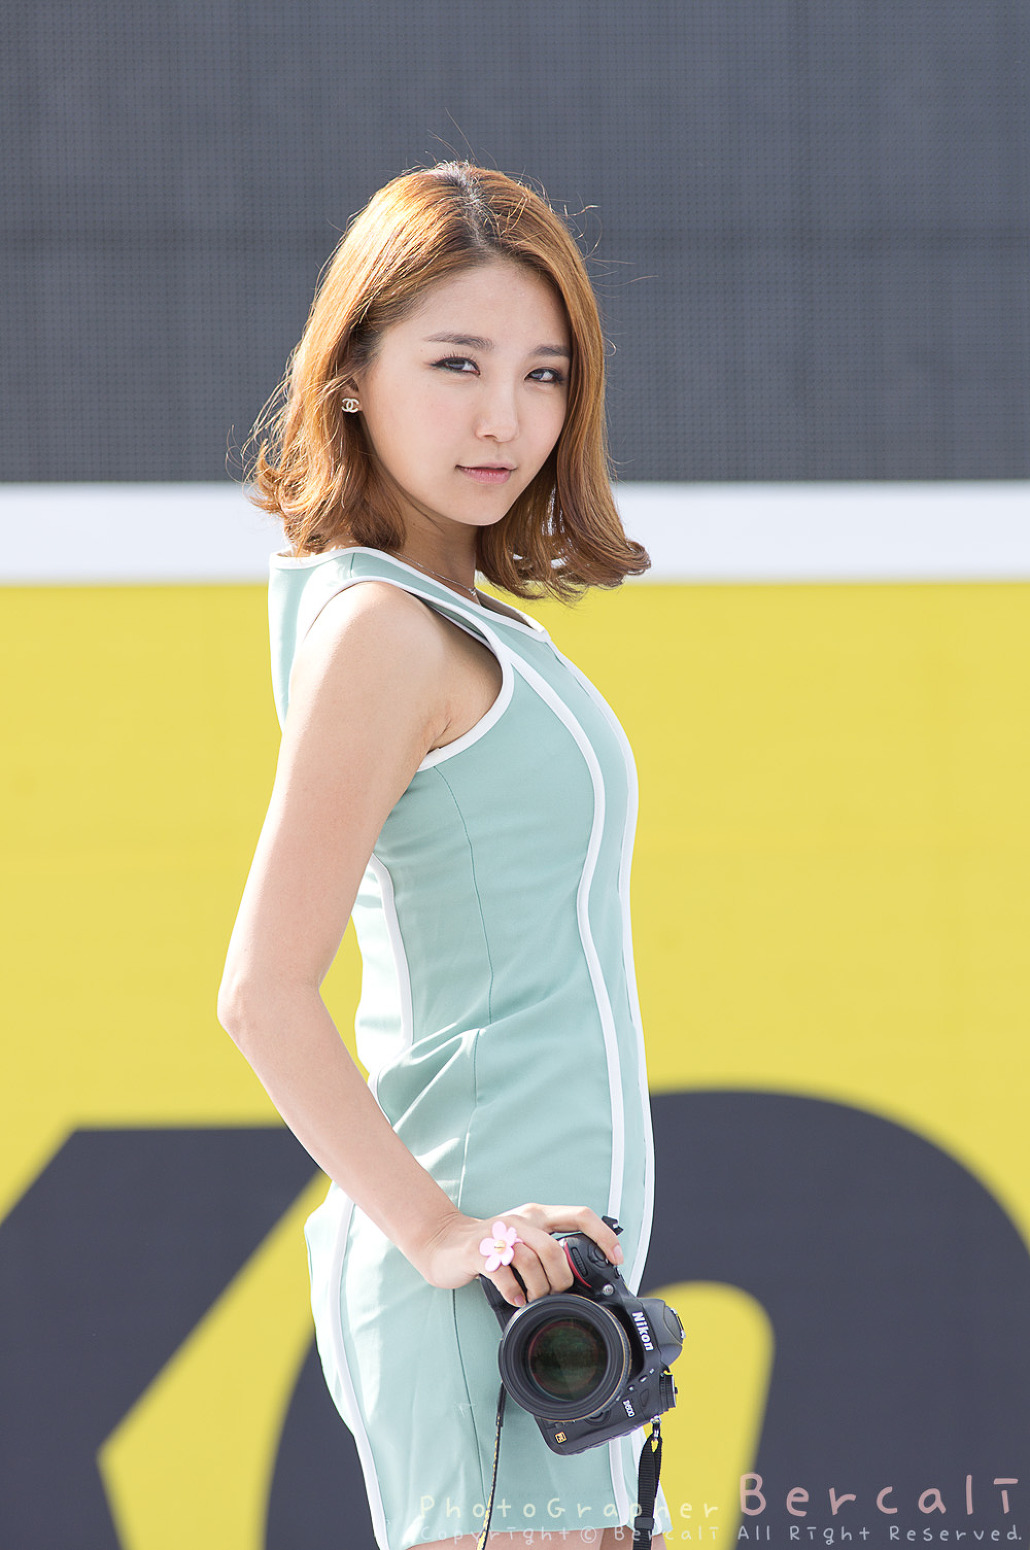 2012 09 15 니콘 레전드 출사대회 모델분들 직찍